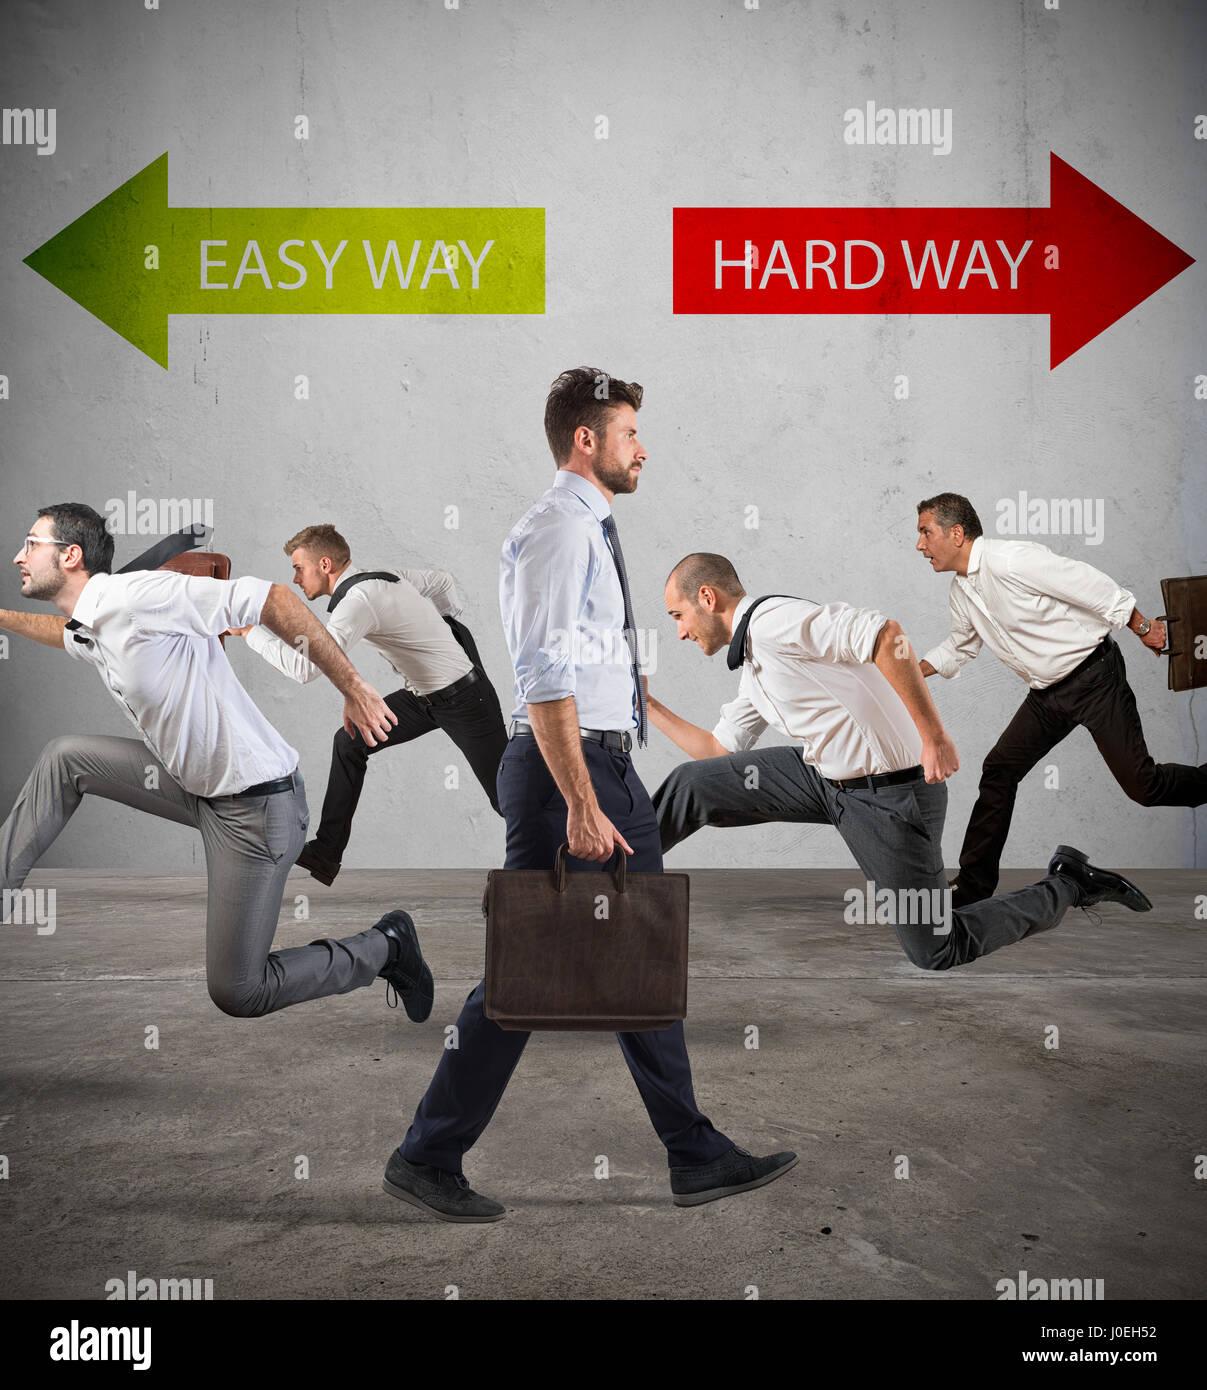 Suivez la manière dure pour le succès. Photo Stock